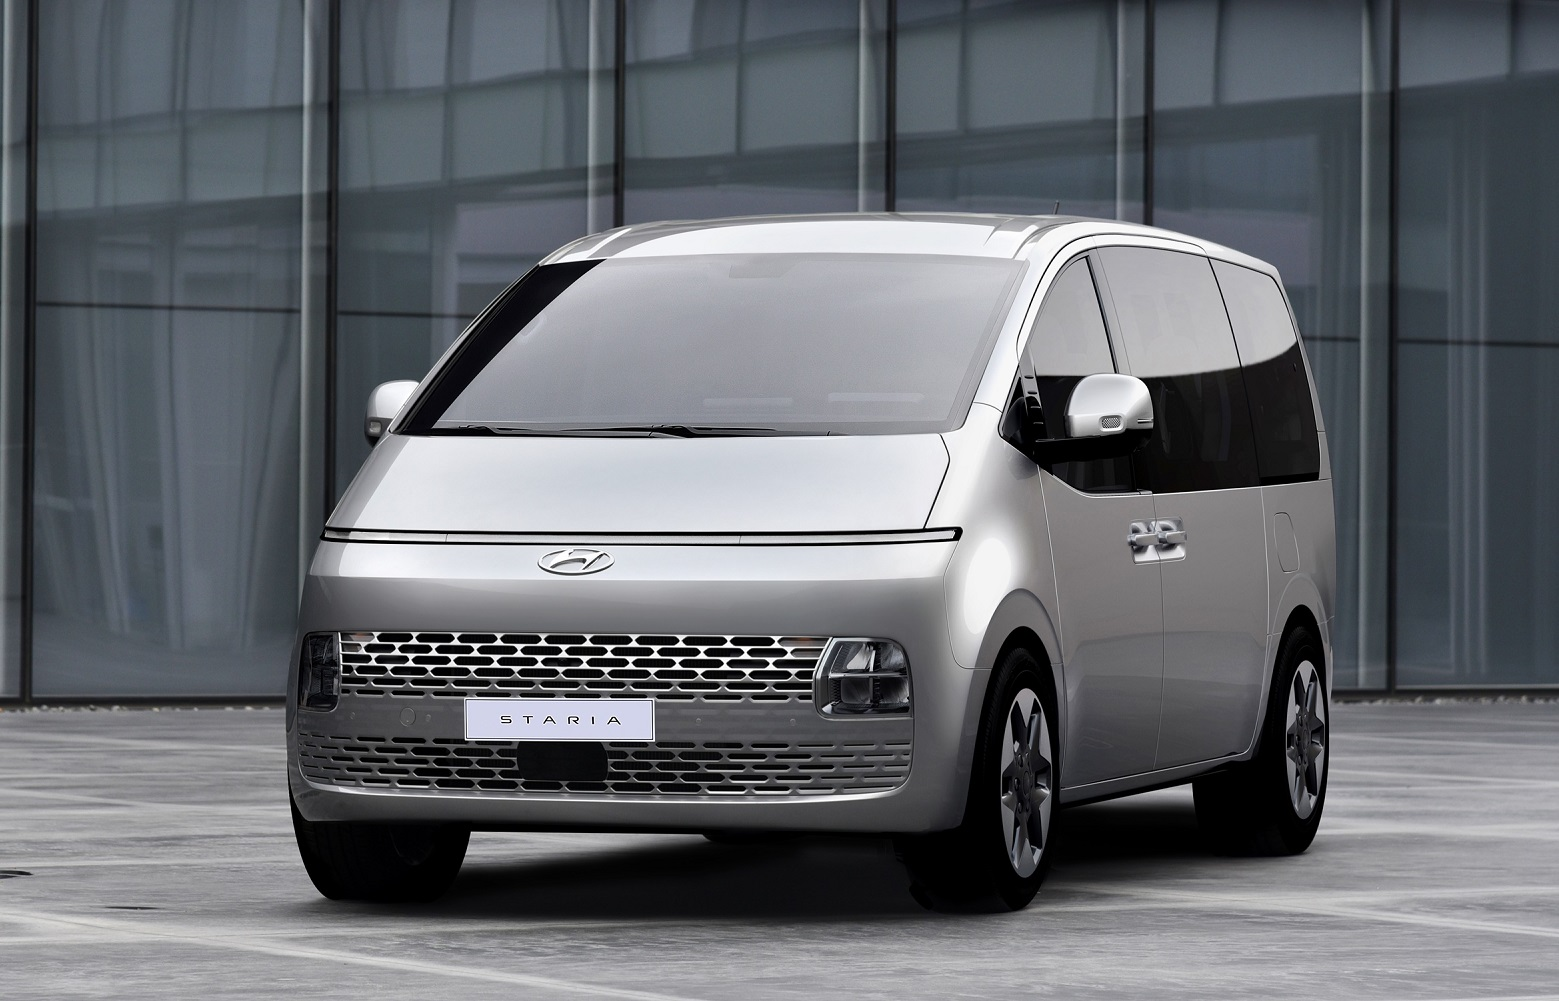 Hyundai STARIA - Seifried United Auto GmbH